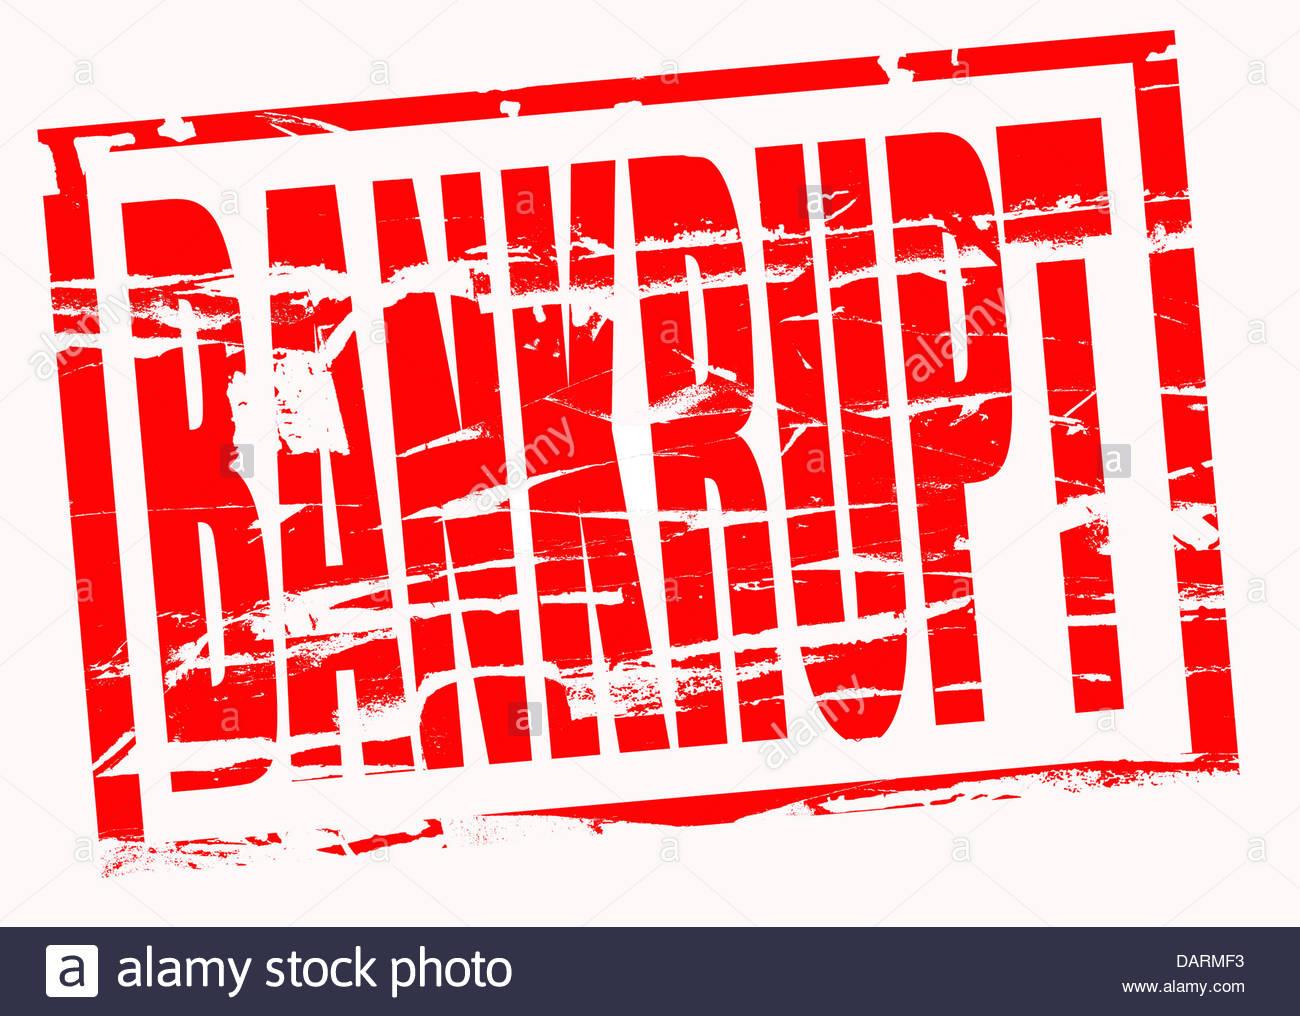 Composito Digitale timbro di gomma. In bancarotta. Immagini Stock